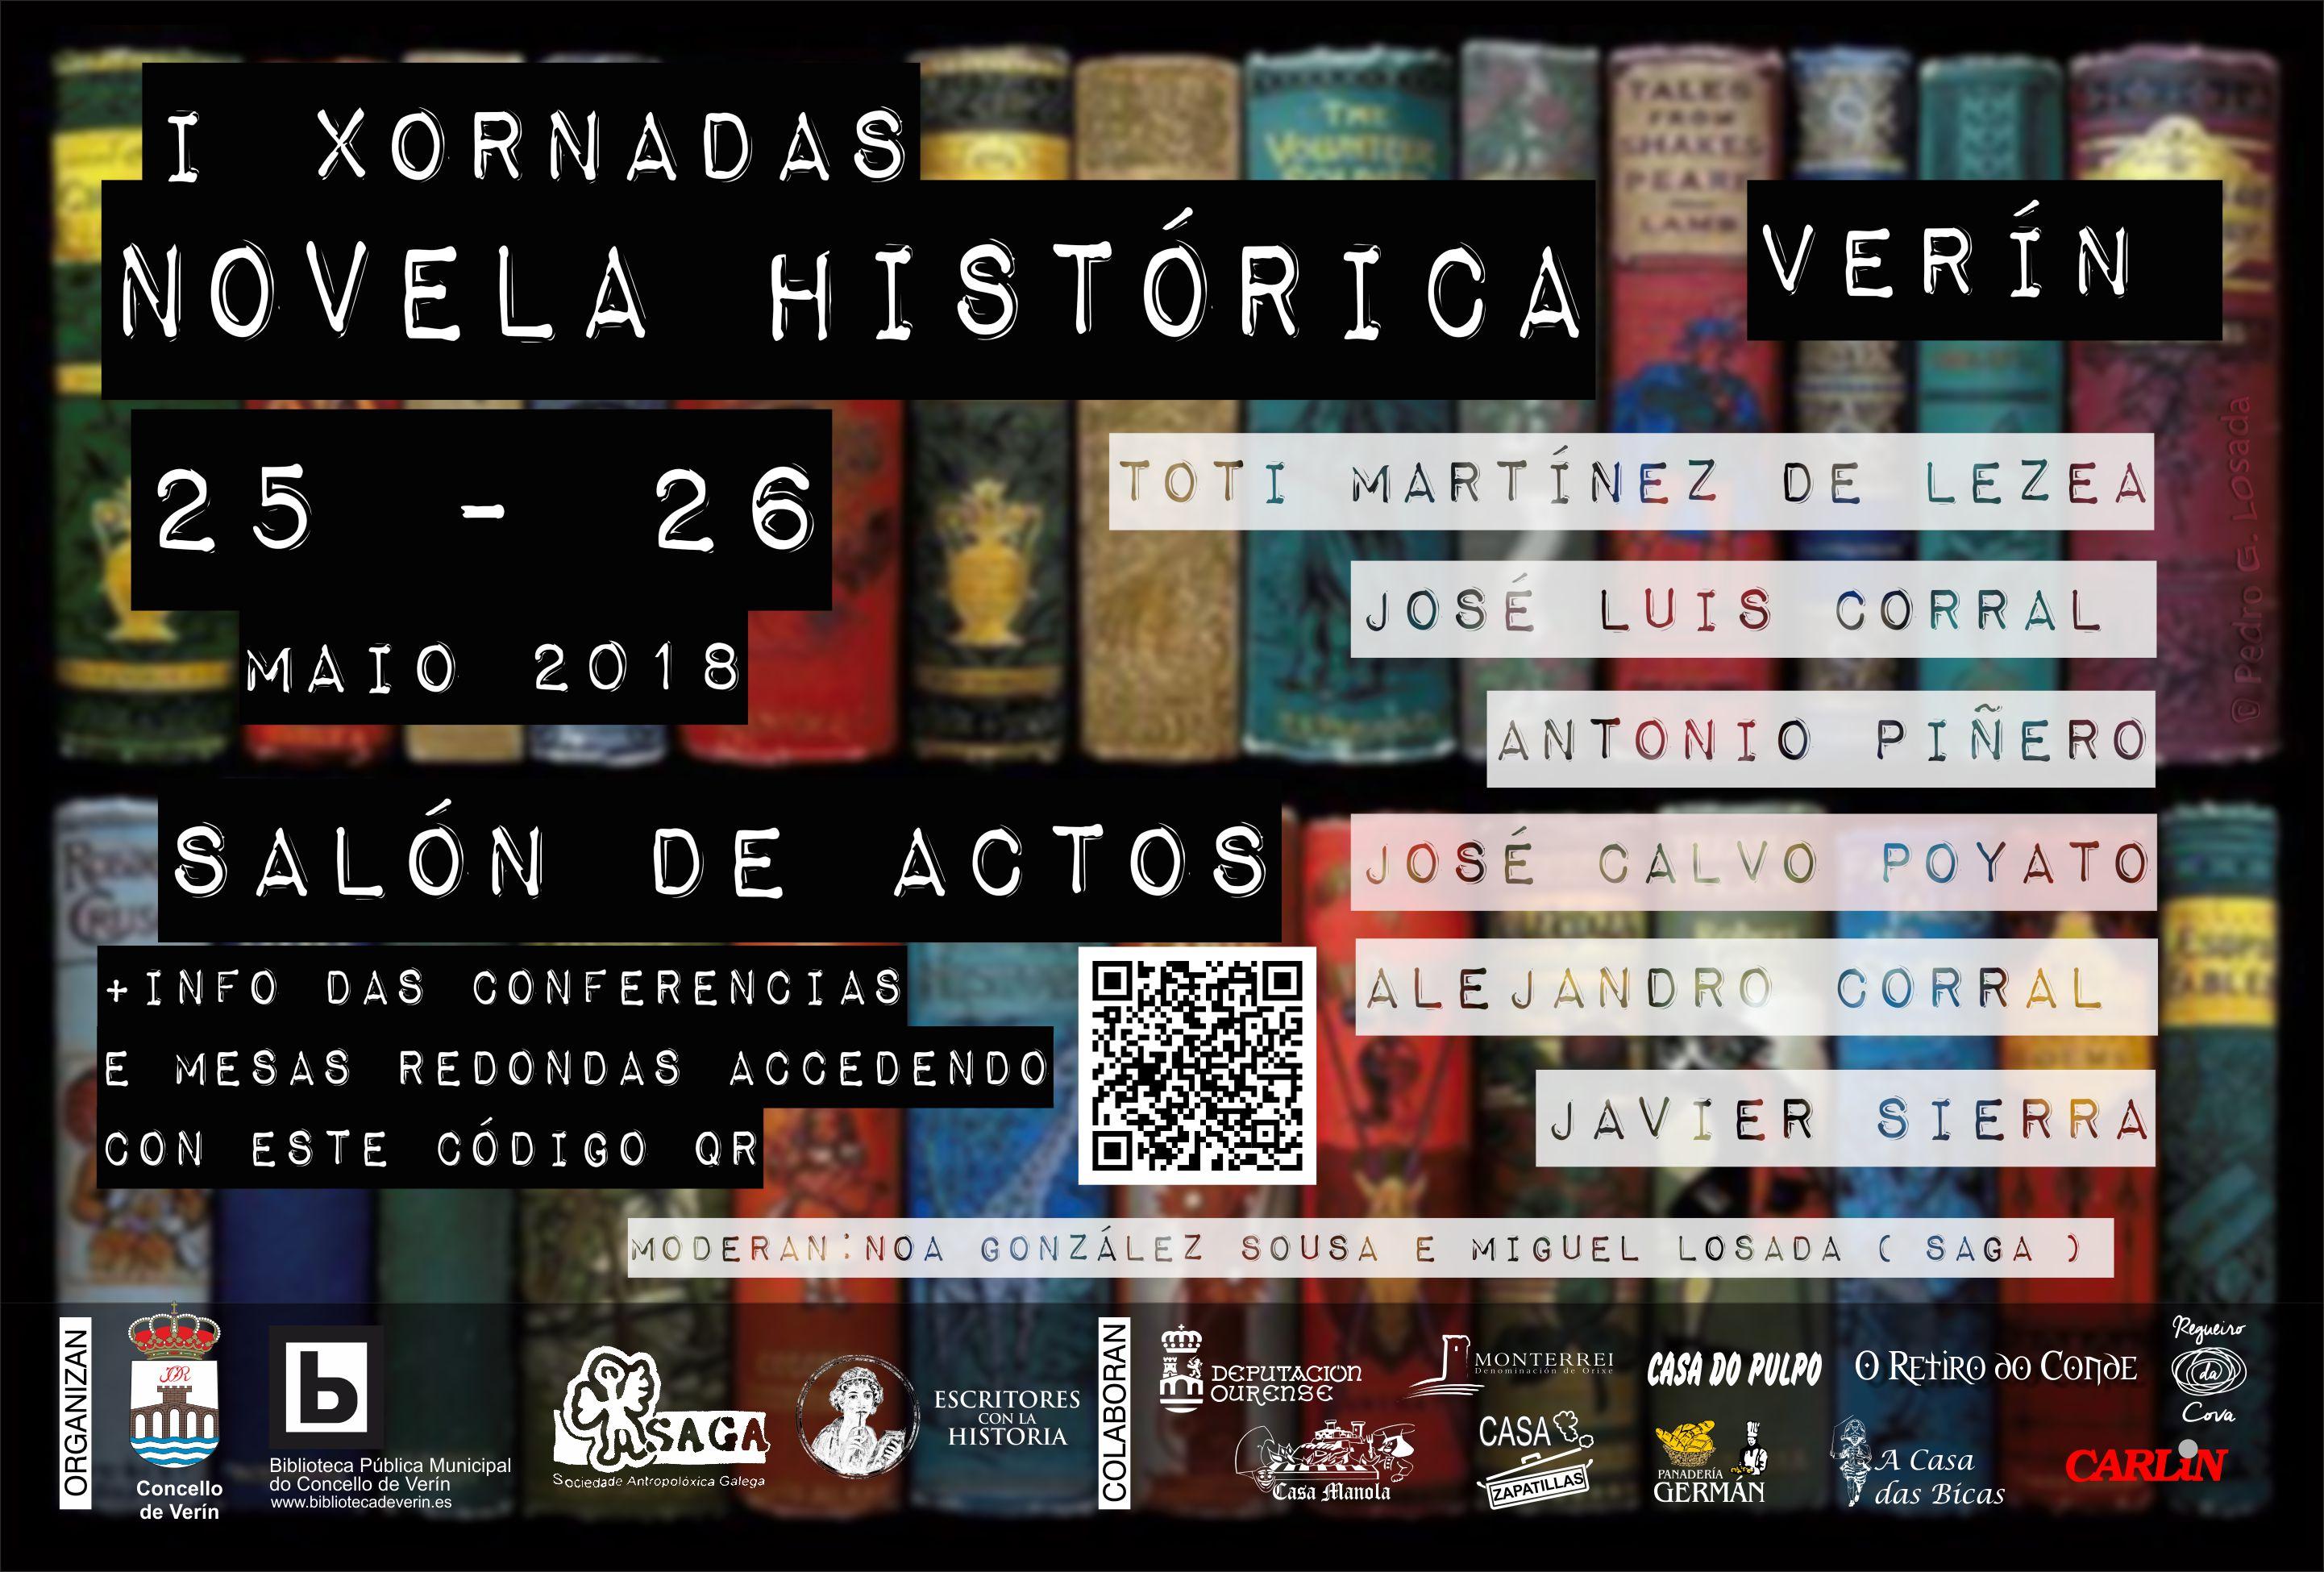 I Xornadas Novela Histórica